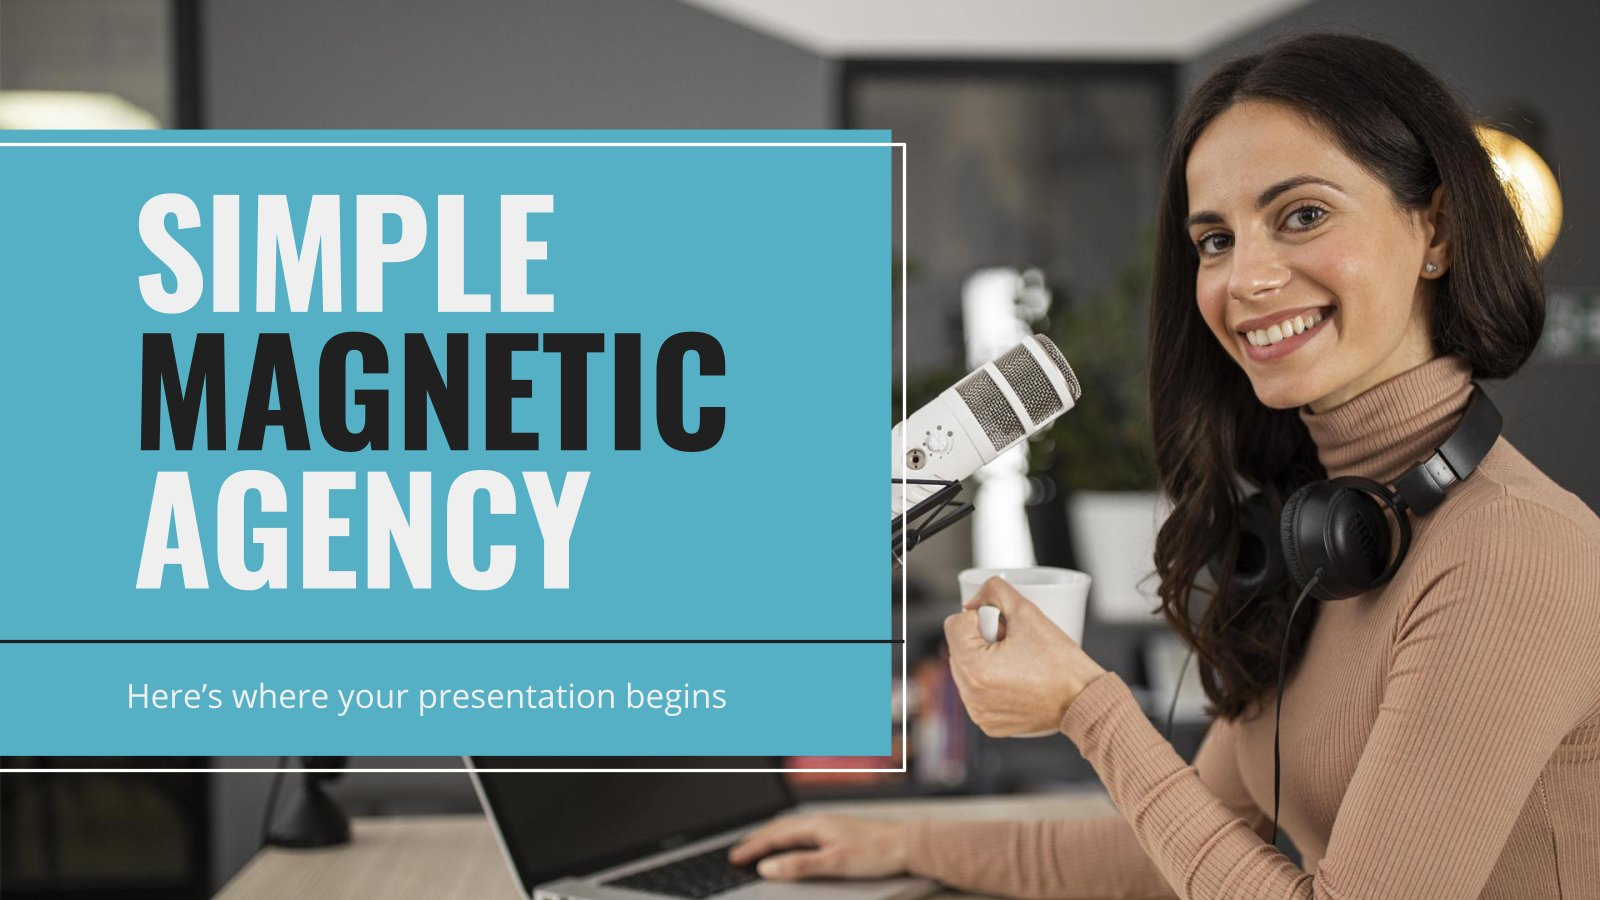 Plantilla de presentación Agencia magnética